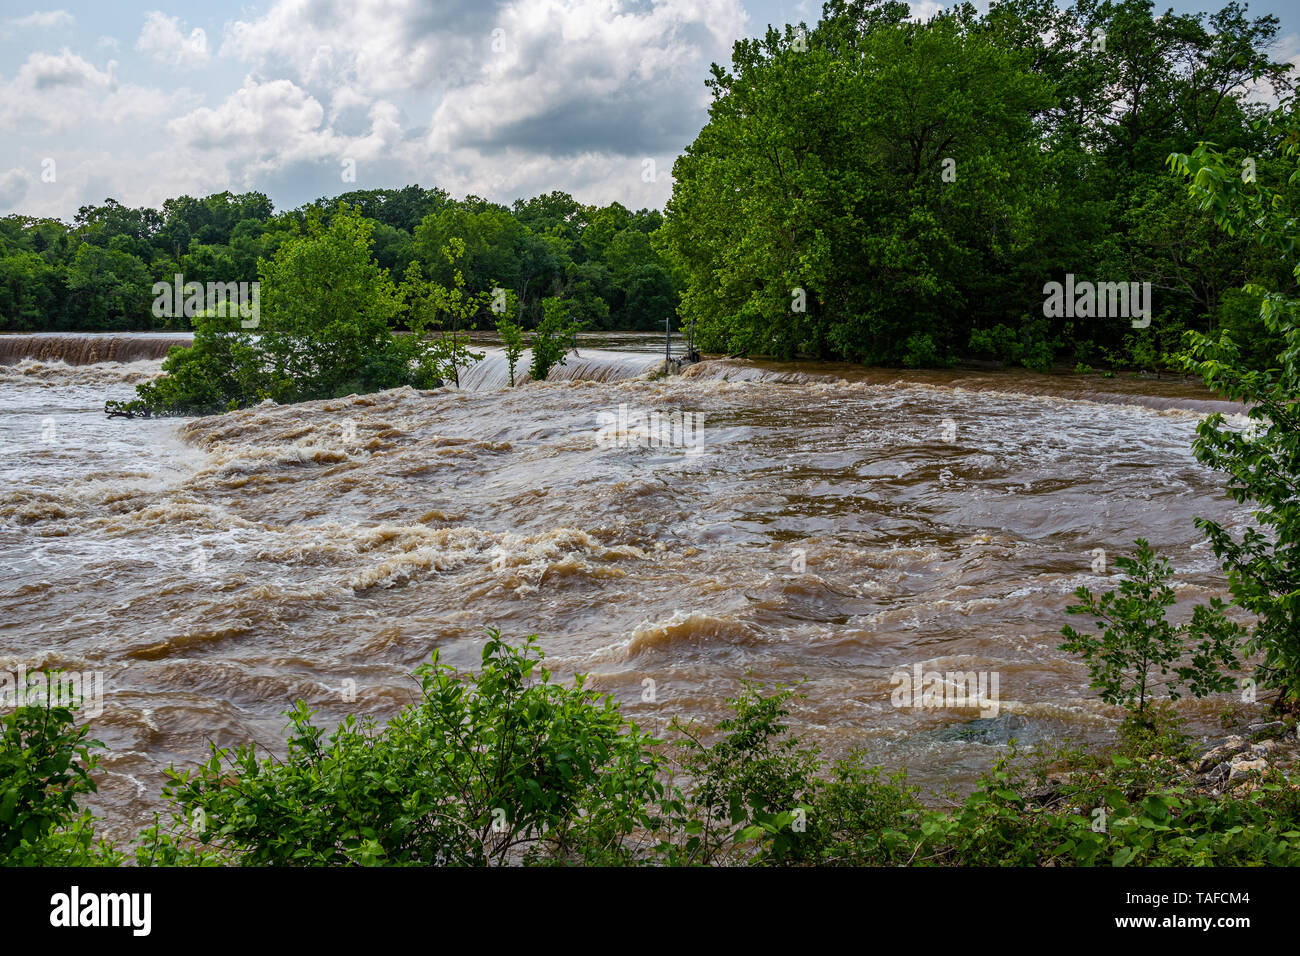 Shoal Creek flooding at Grand Falls in Joplin, Missouri on May 23